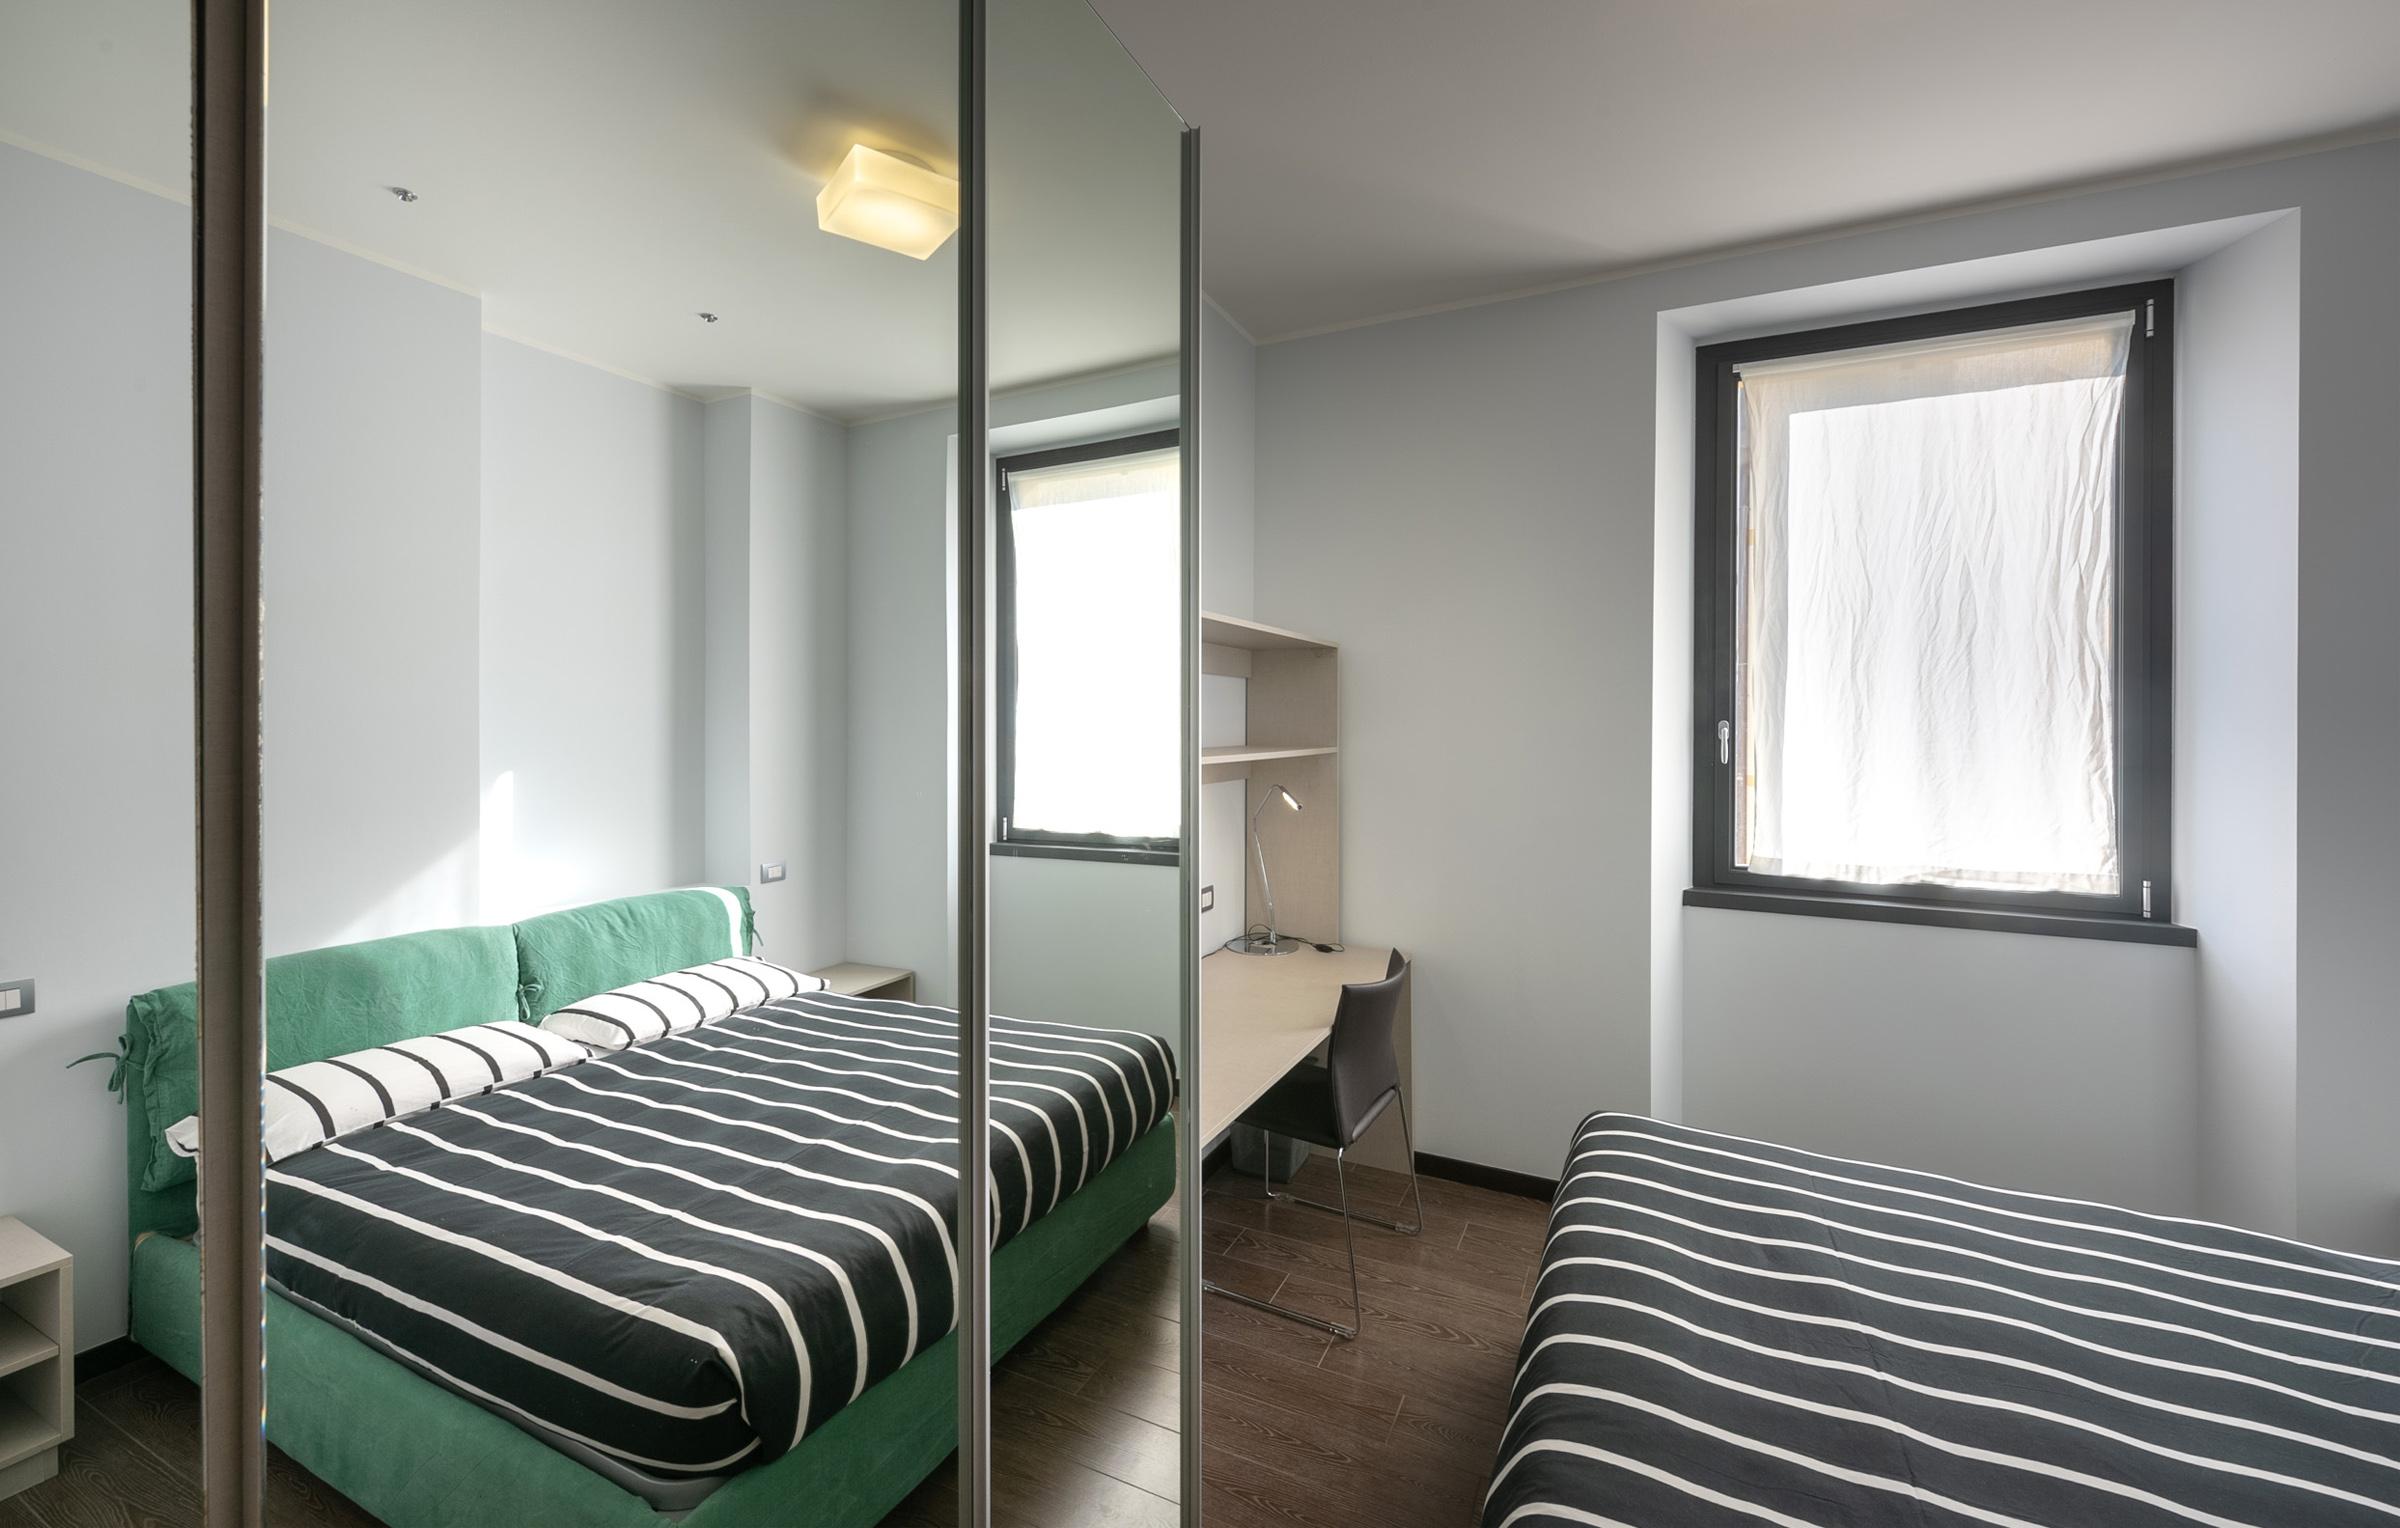 L'affitto dell'appartamento a Milano include la biancheria da letto e da bagno